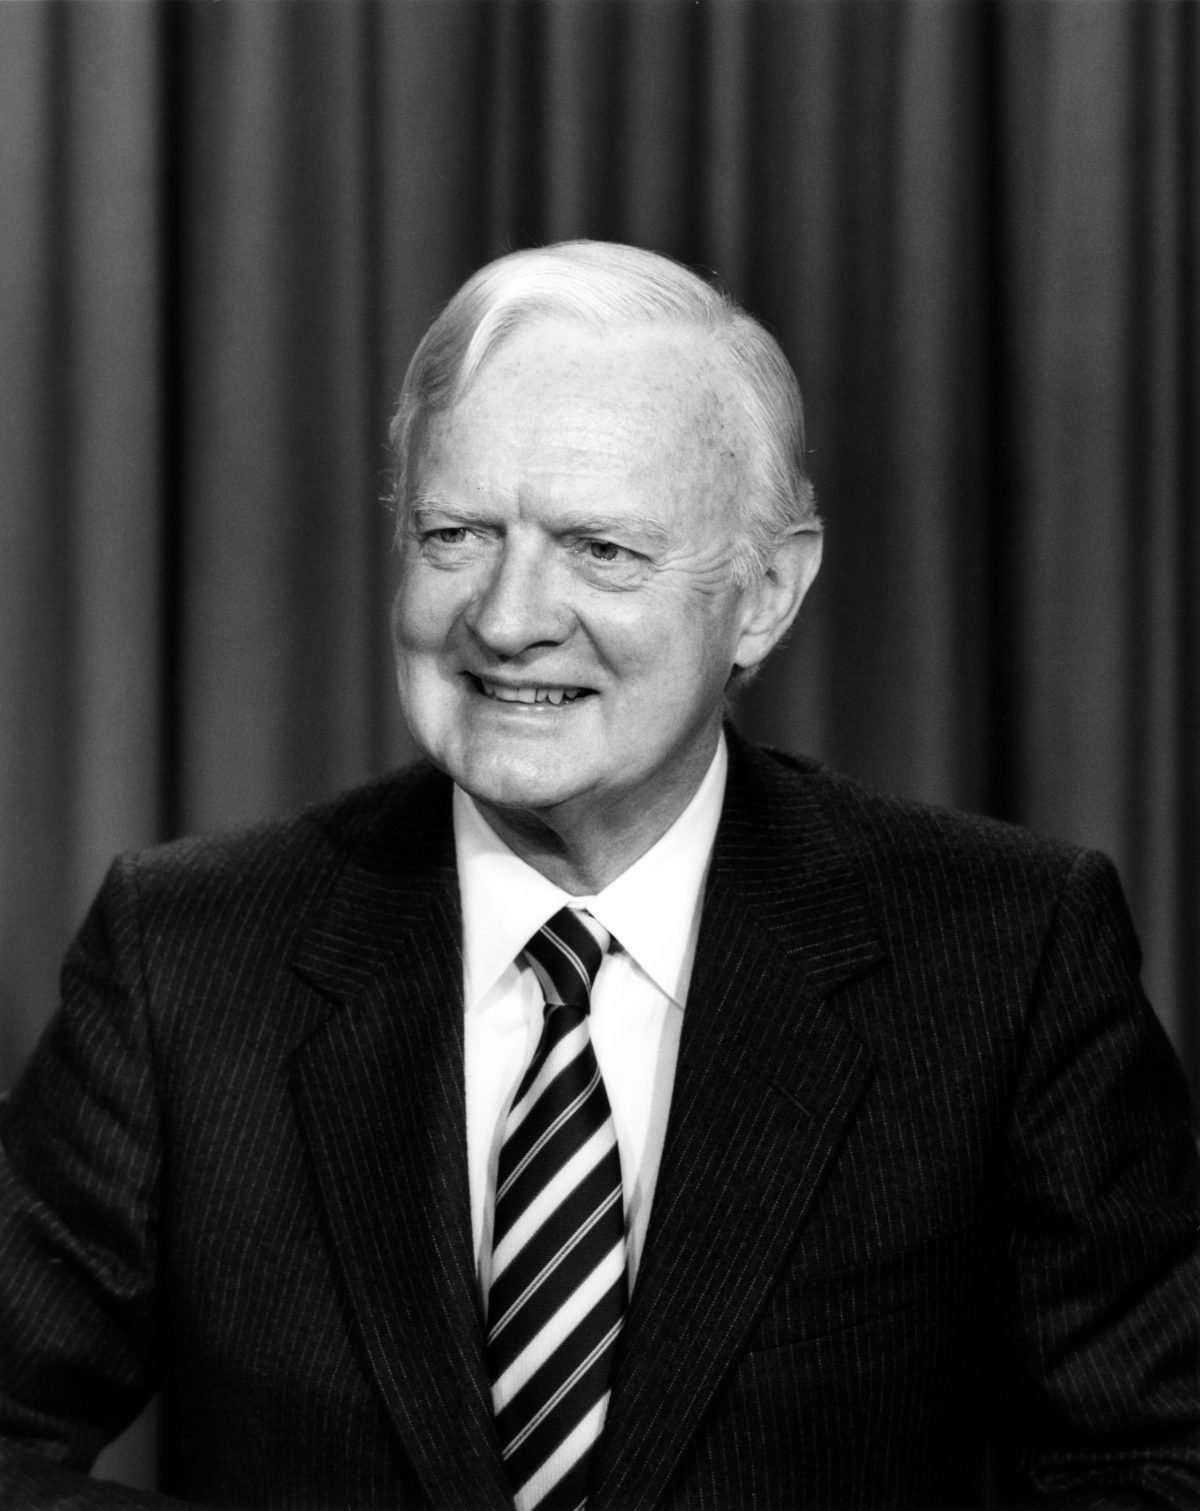 Harry F. Byrd Jr.